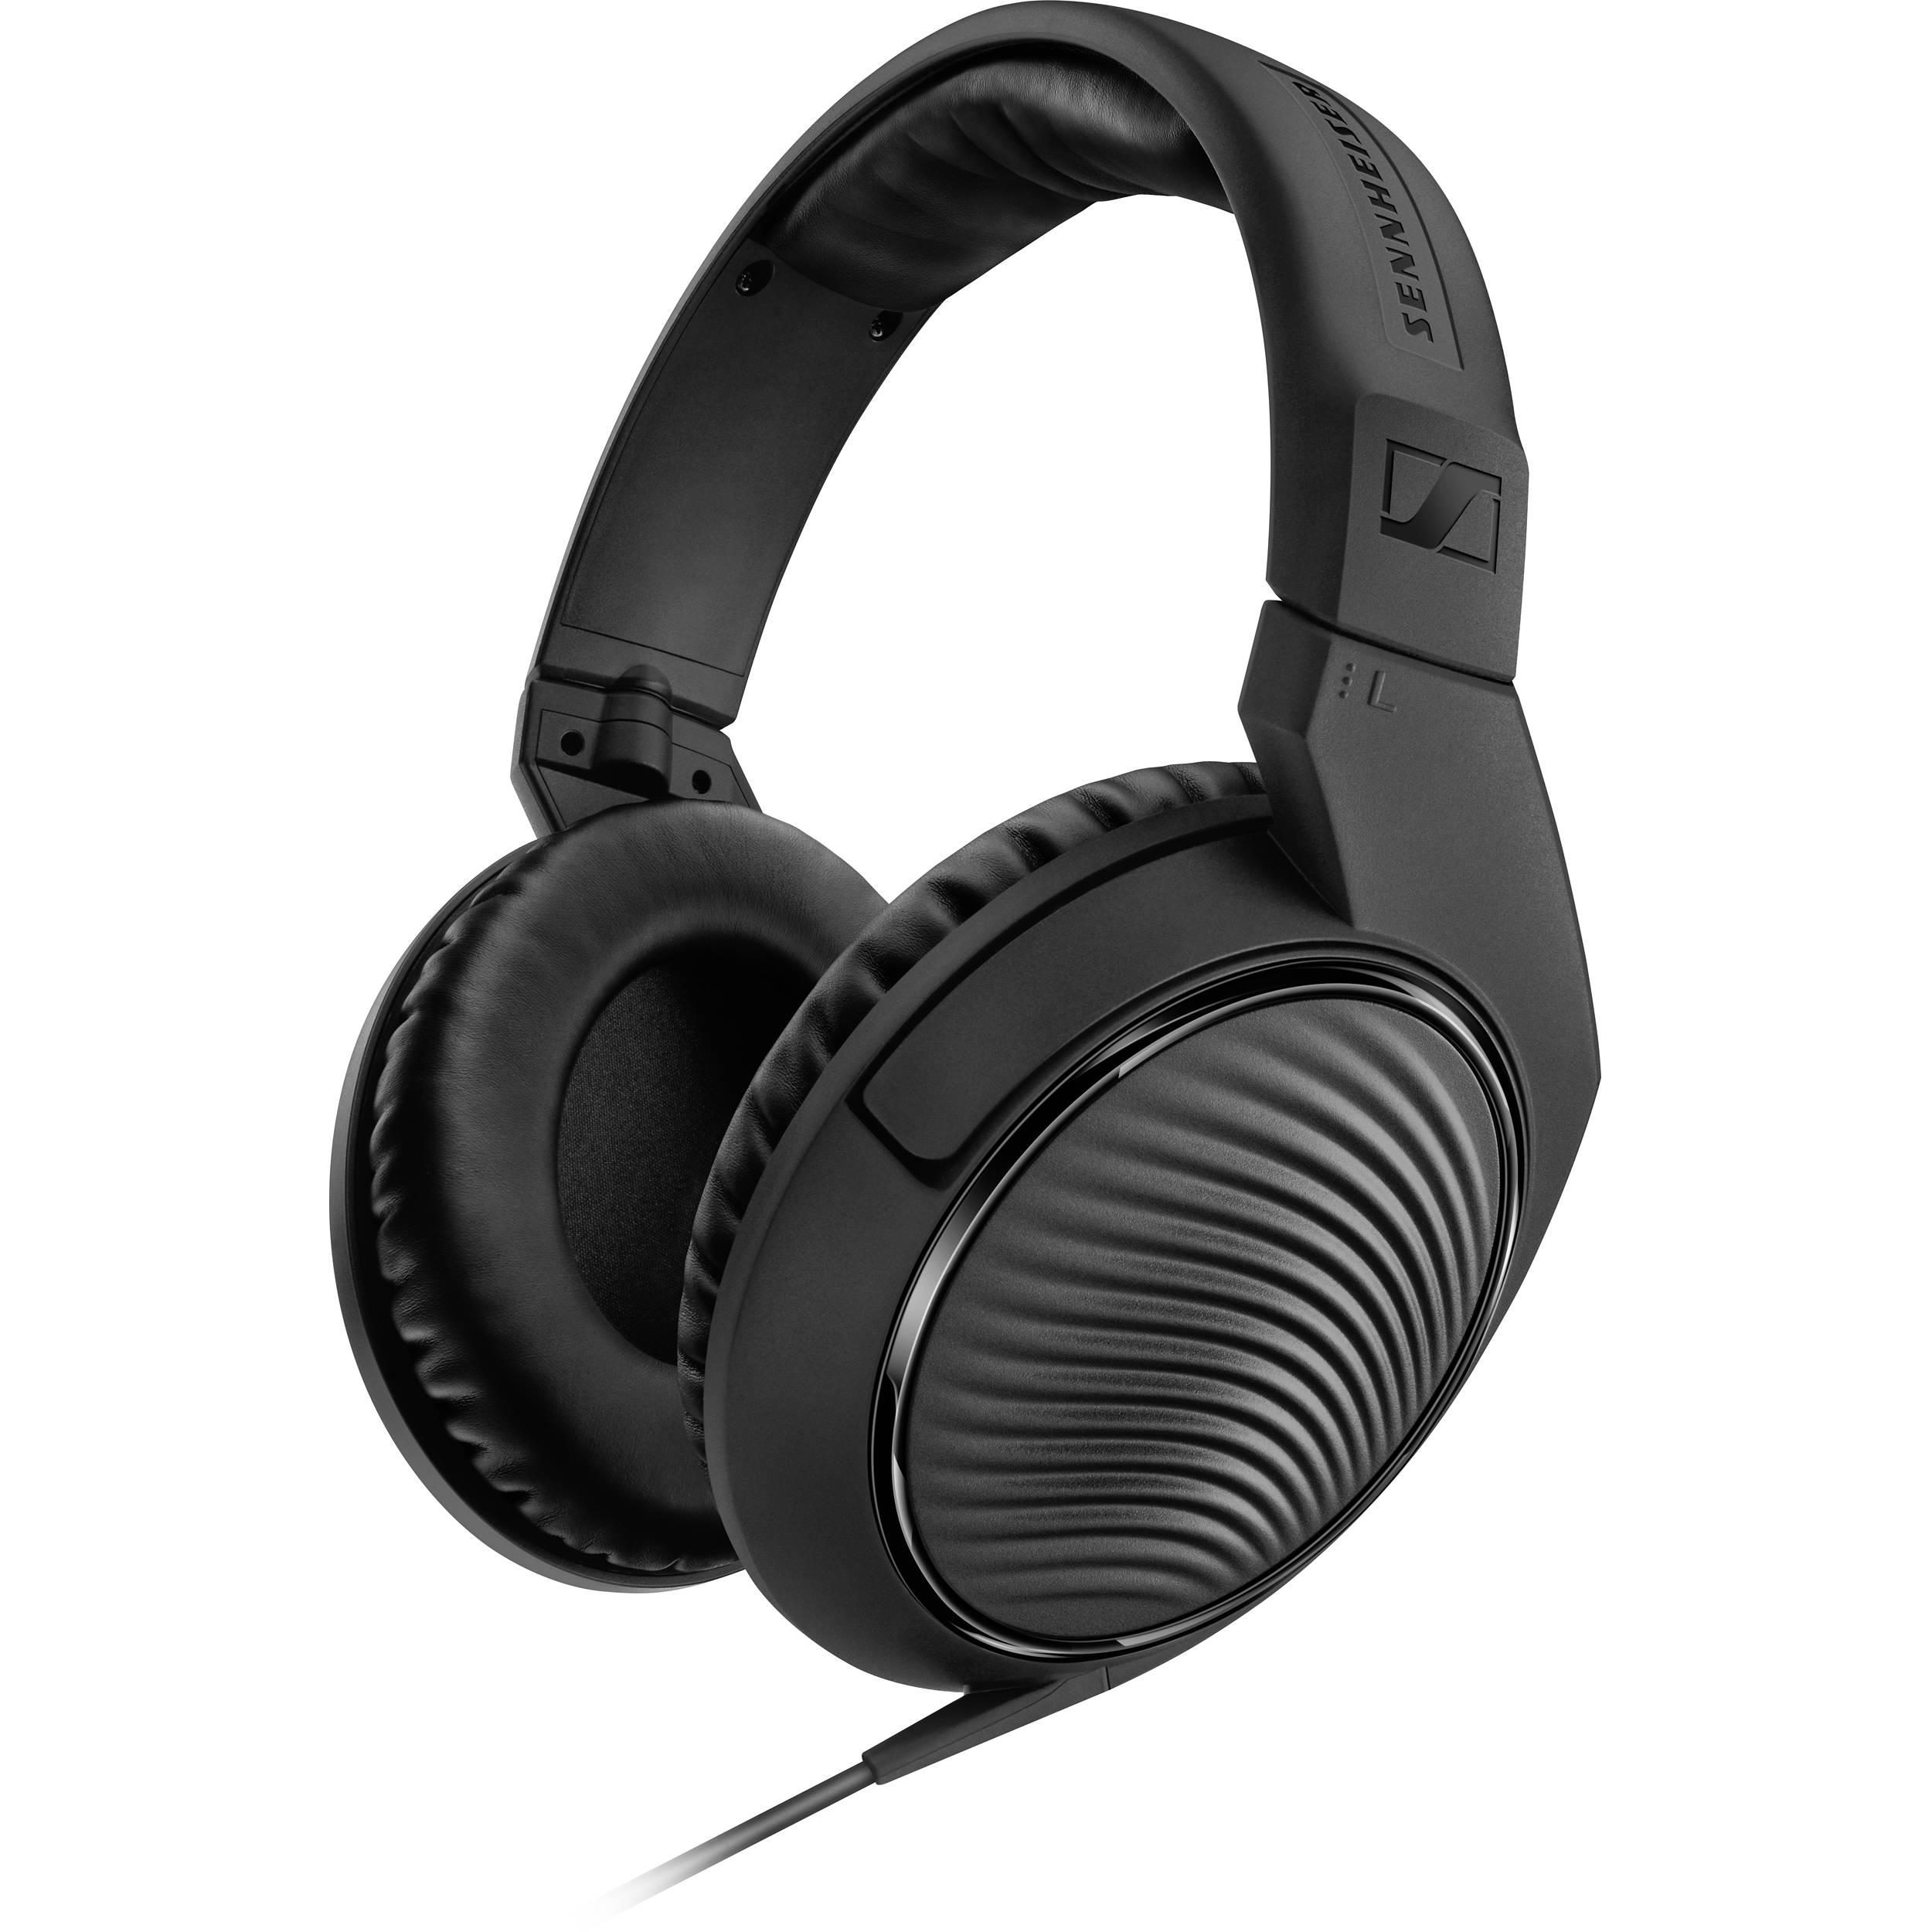 cee78217e2e Sennheiser HD 200 Pro Monitoring Headphones 507182 B&H Photo